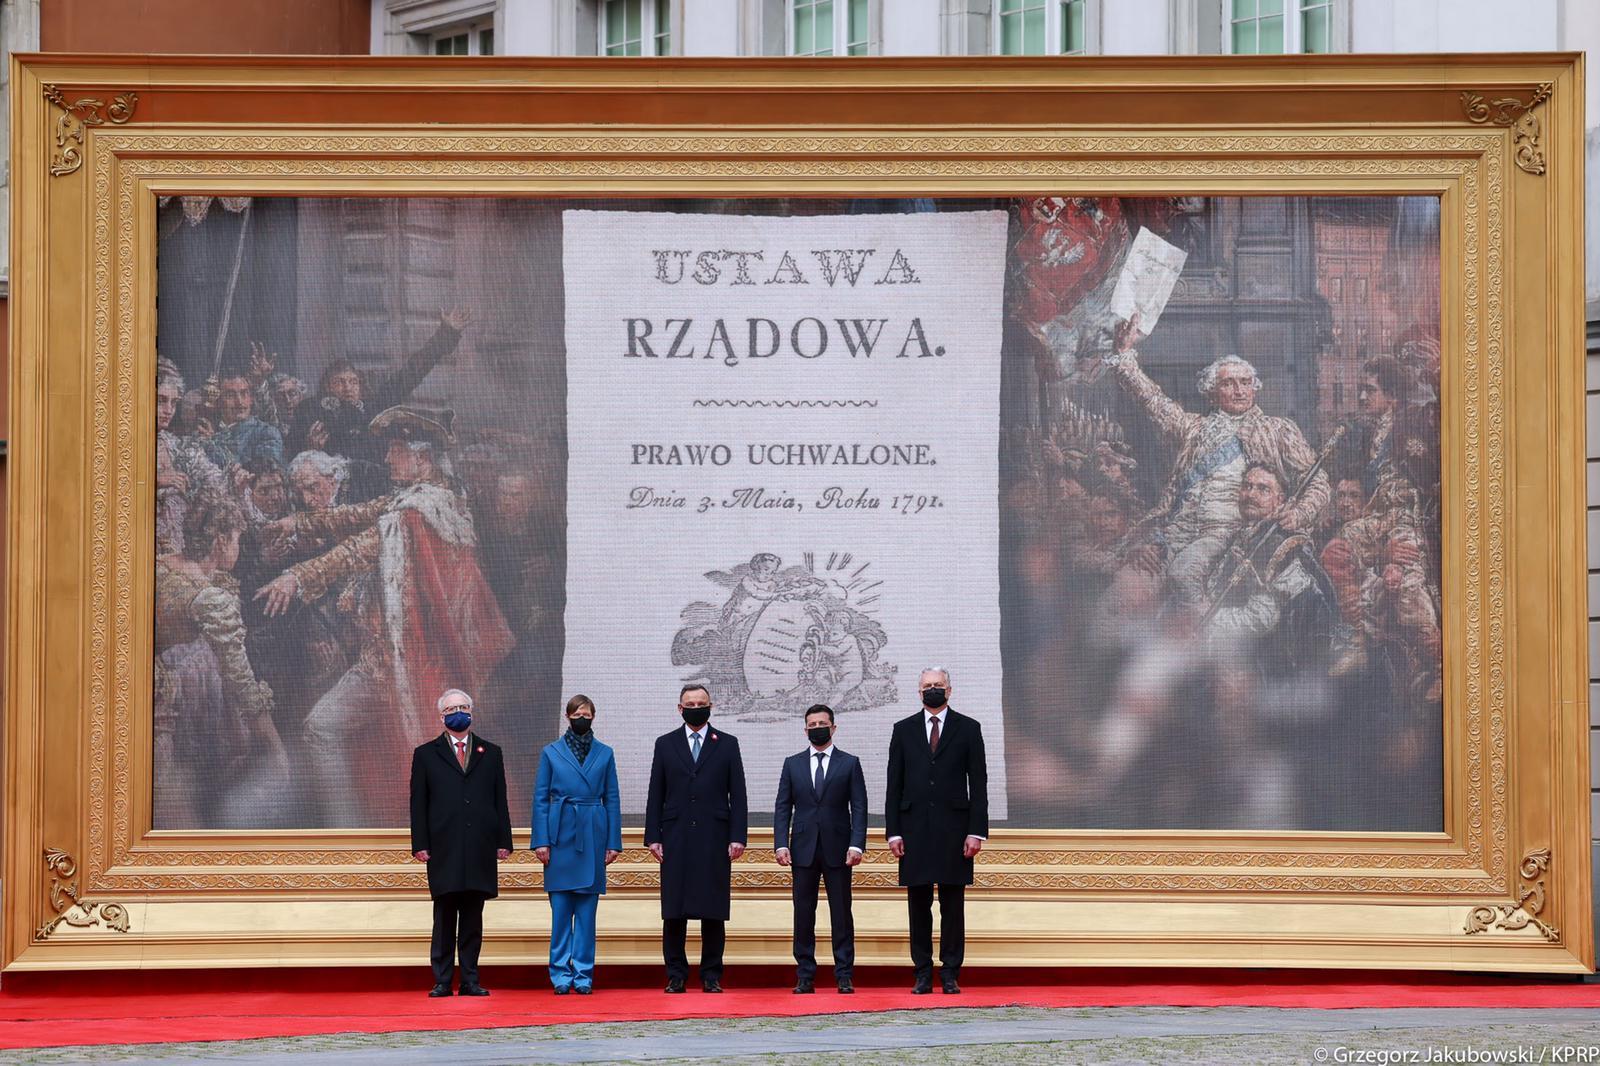 Wspólna deklaracja Prezydentów Polski, Estonii, Ukrainy, Łotwy i Litwy, zgromadzonych w Warszawie z okazji 230. rocznicy uchwalenia Konstytucji 3 Maja